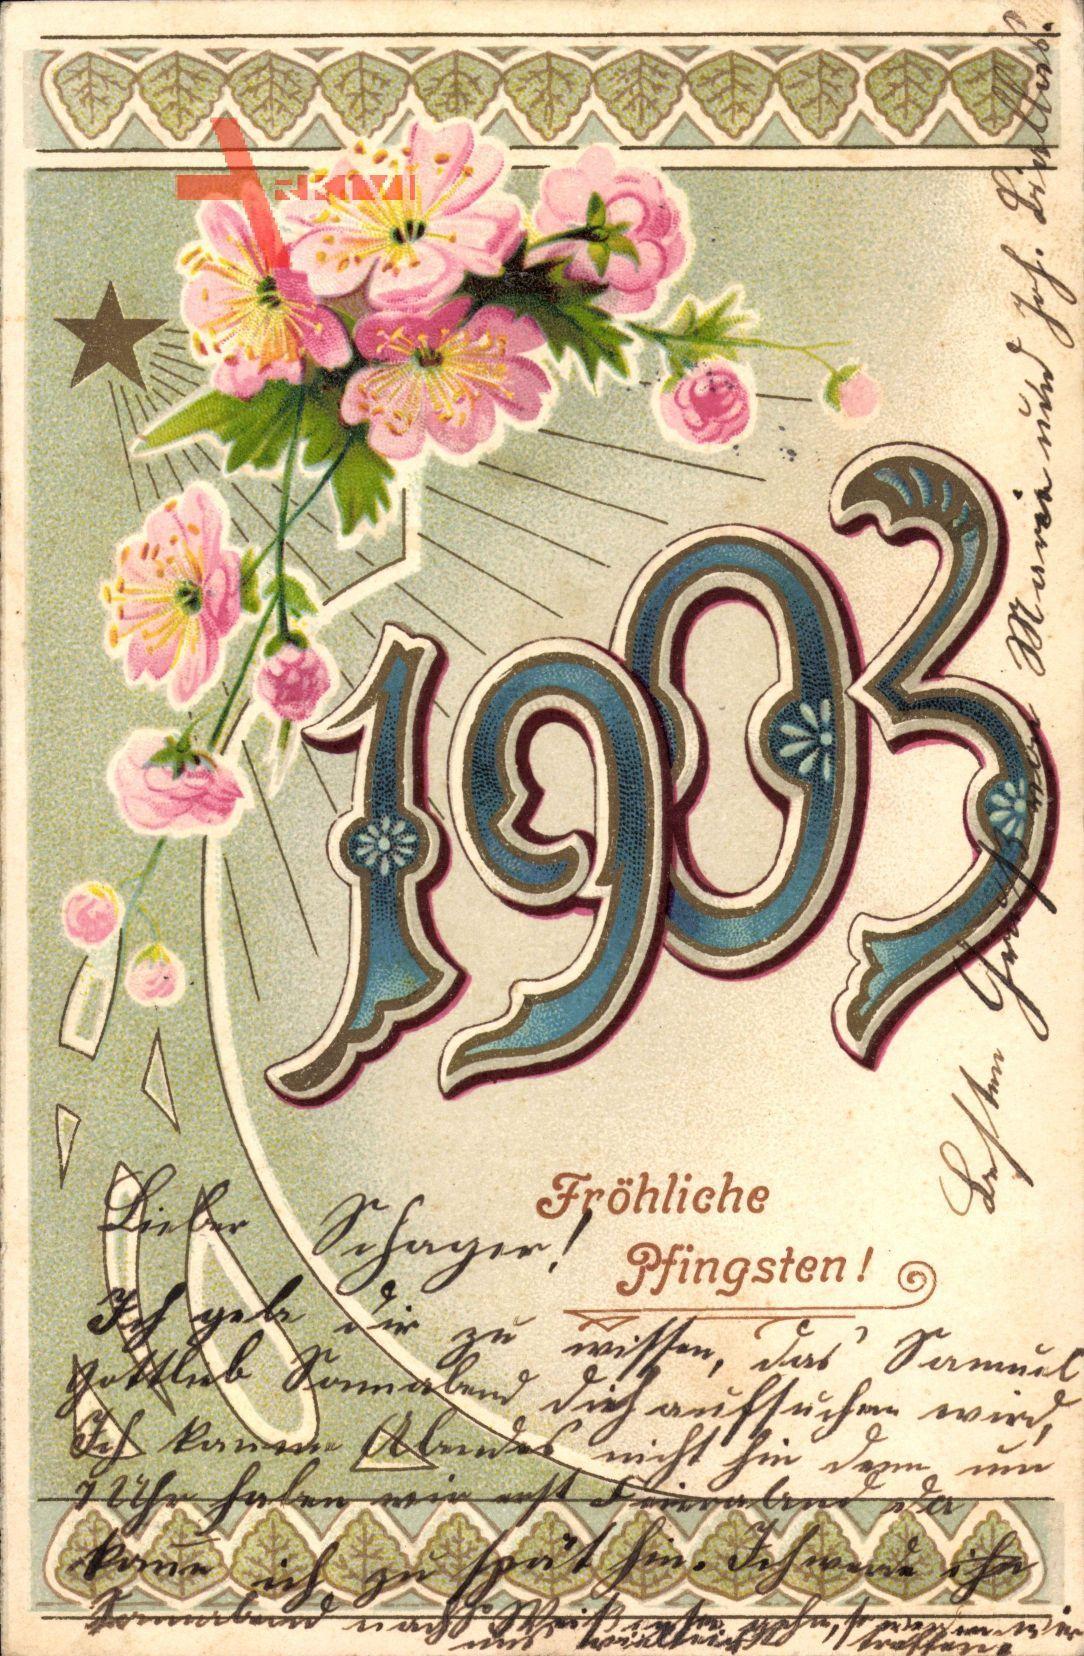 Glückwunsch Pfingsten, Jahreszahl 1903, Stern, Blumen